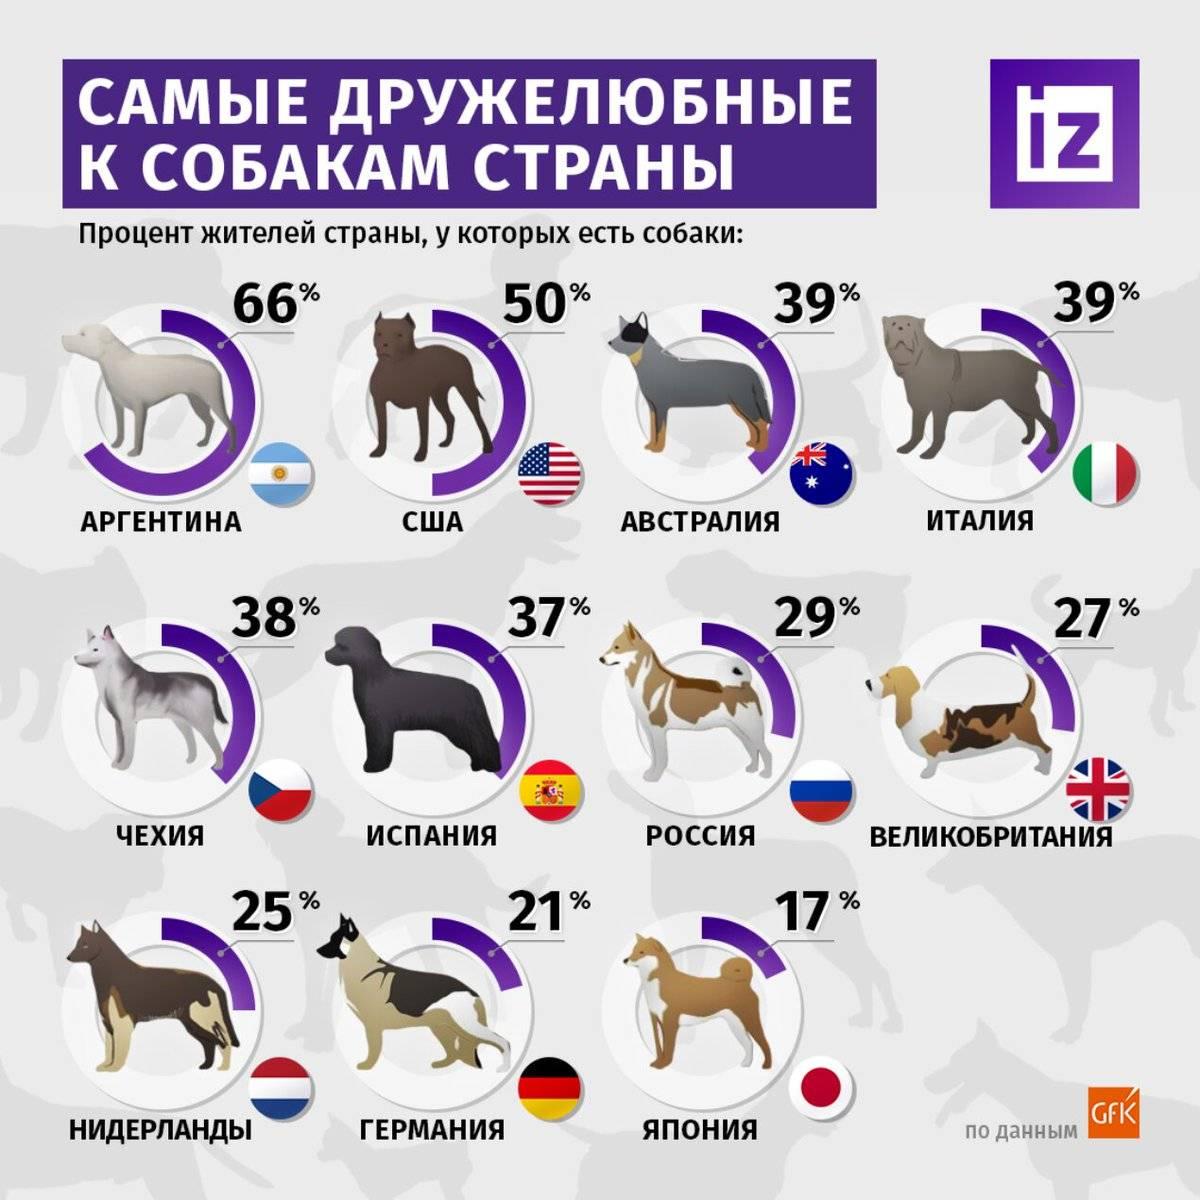 Всемирный день животных в 2021 году: какого числа отмечают, дата и история праздника